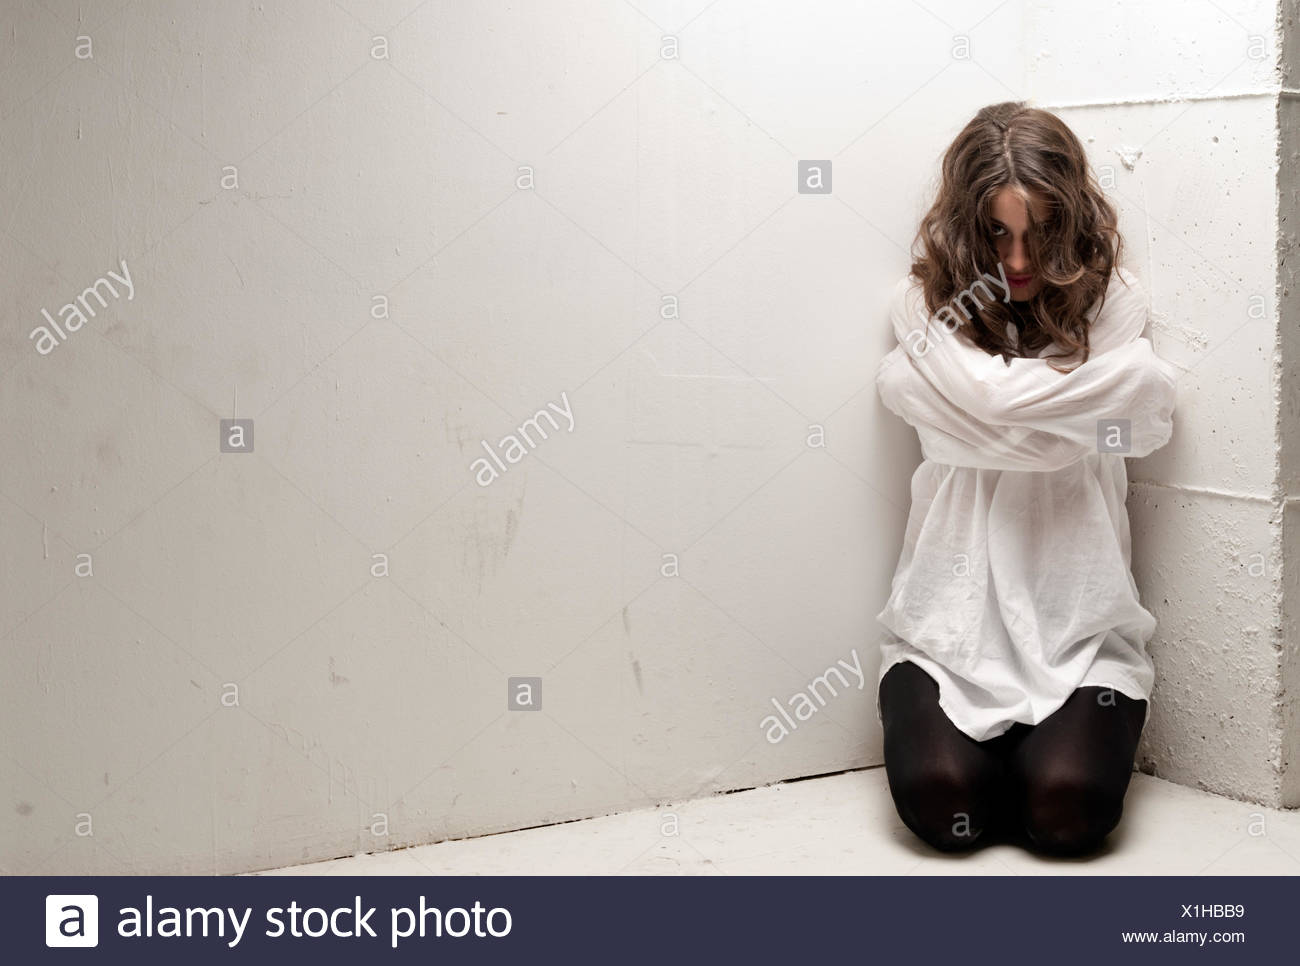 En Mujer De Con Joven A Mirando Demente Rodillas Fuerza Las Camisa Y4IZwZ5xq